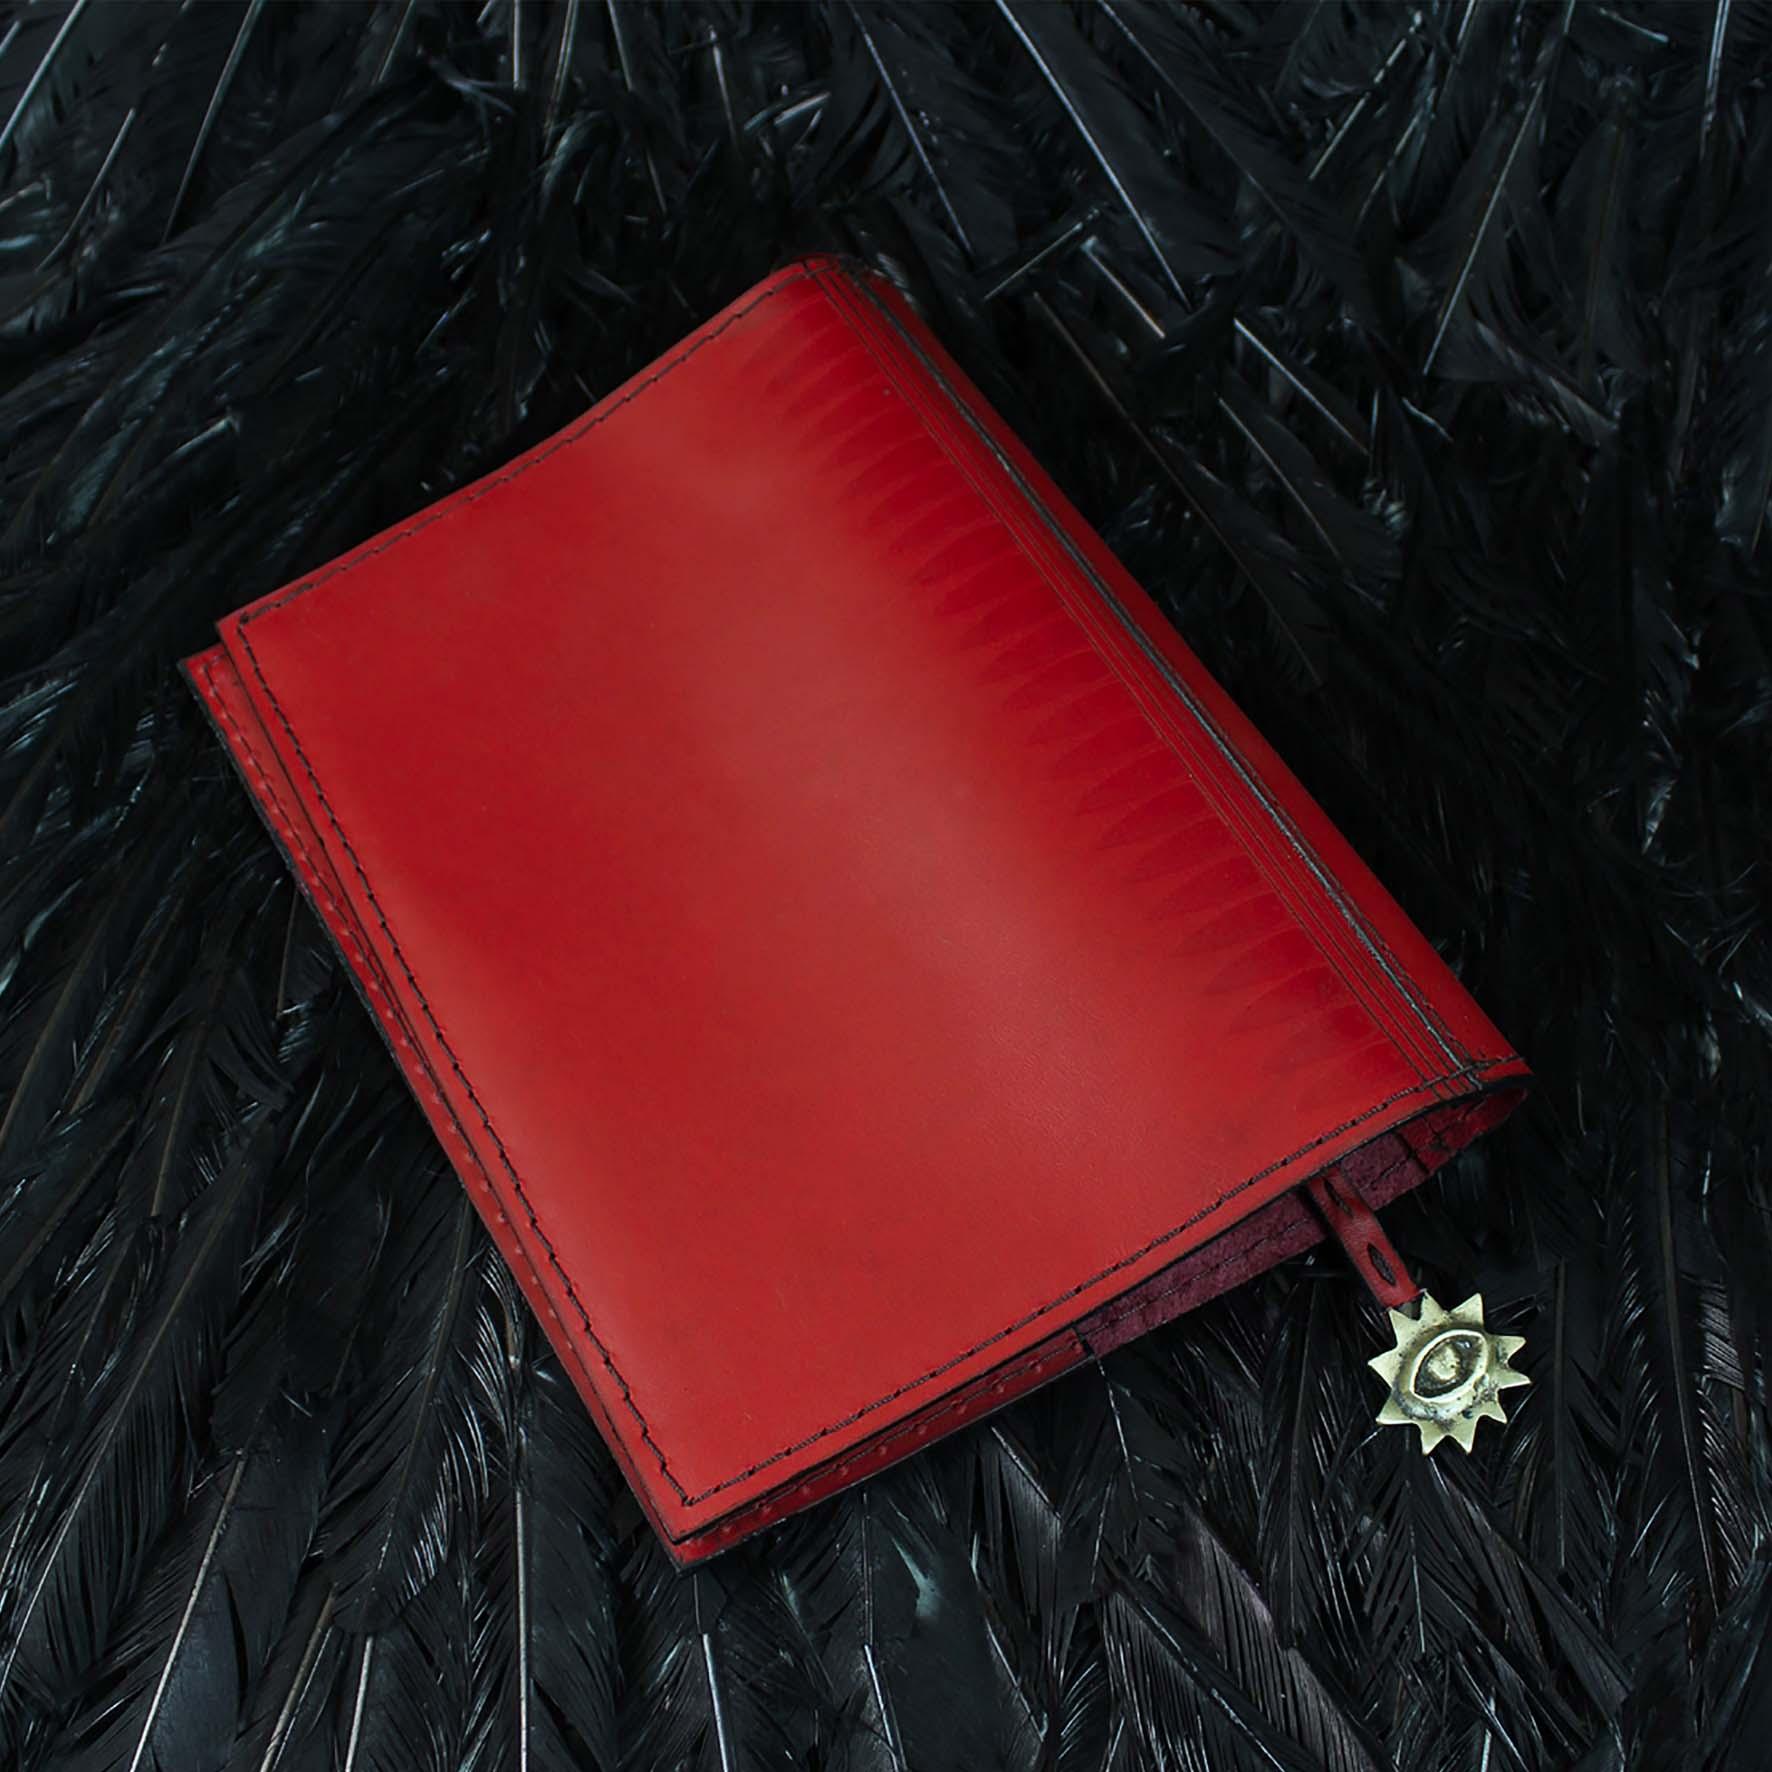 Medium eye sun book cover